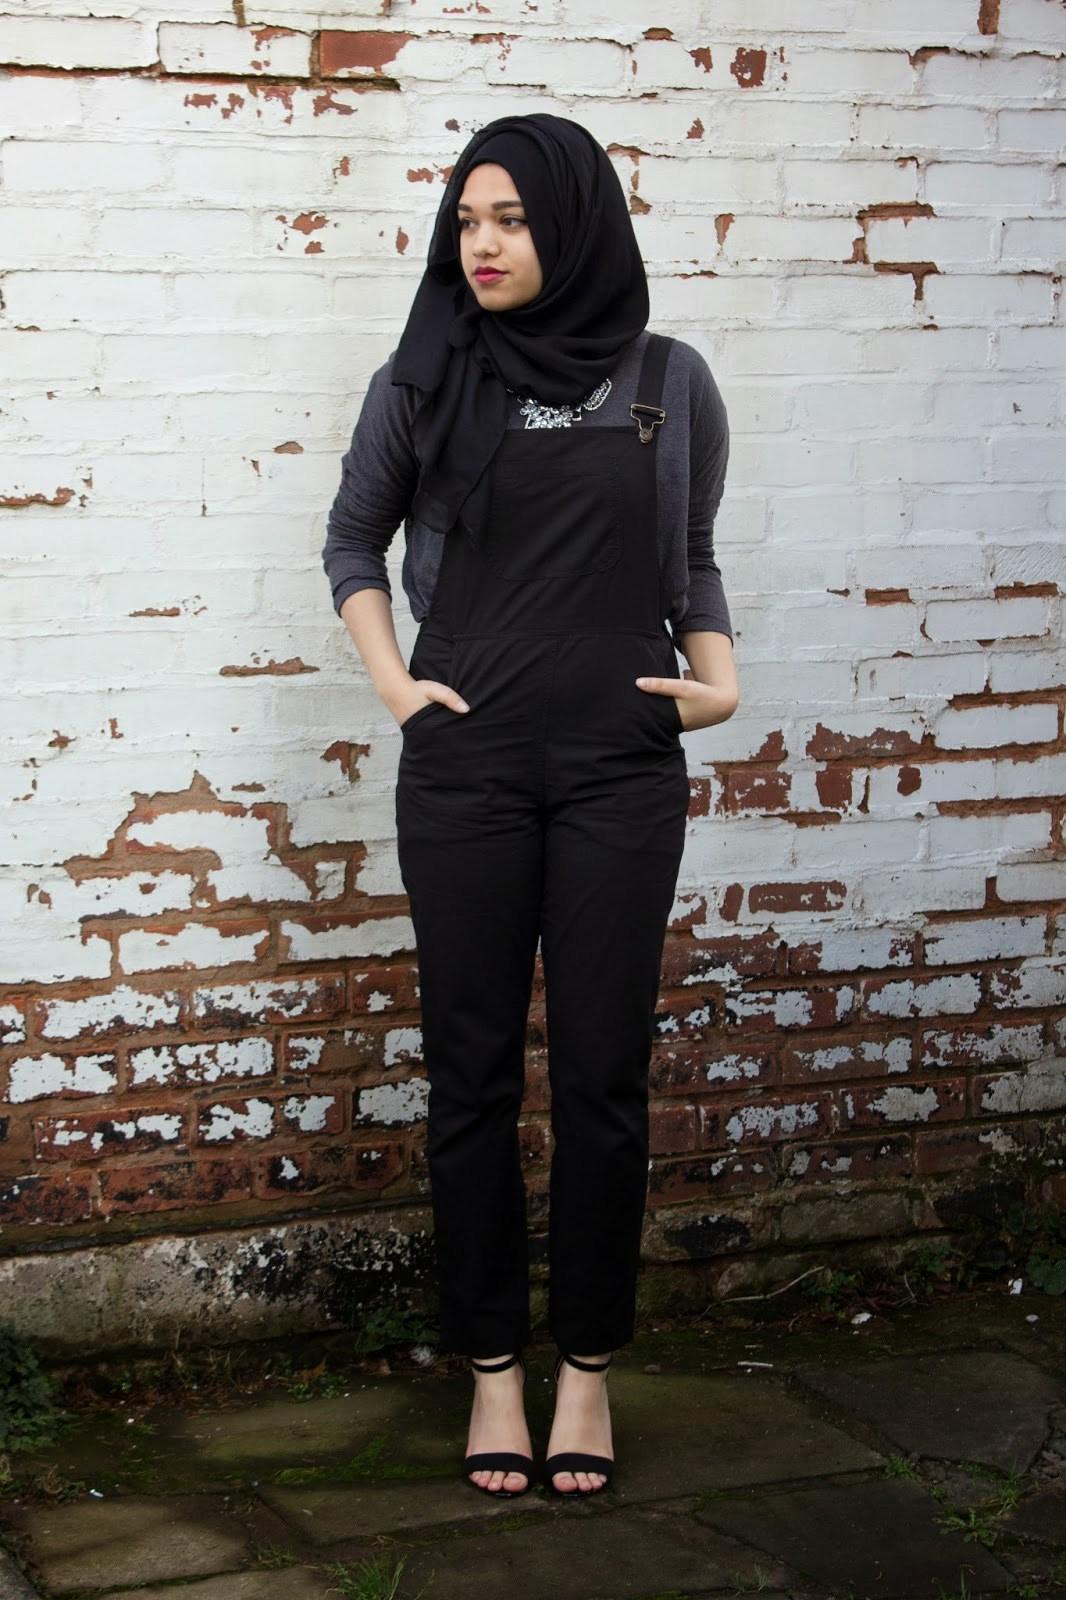 panduan dan ide fashion hijab hitam simple dan casual